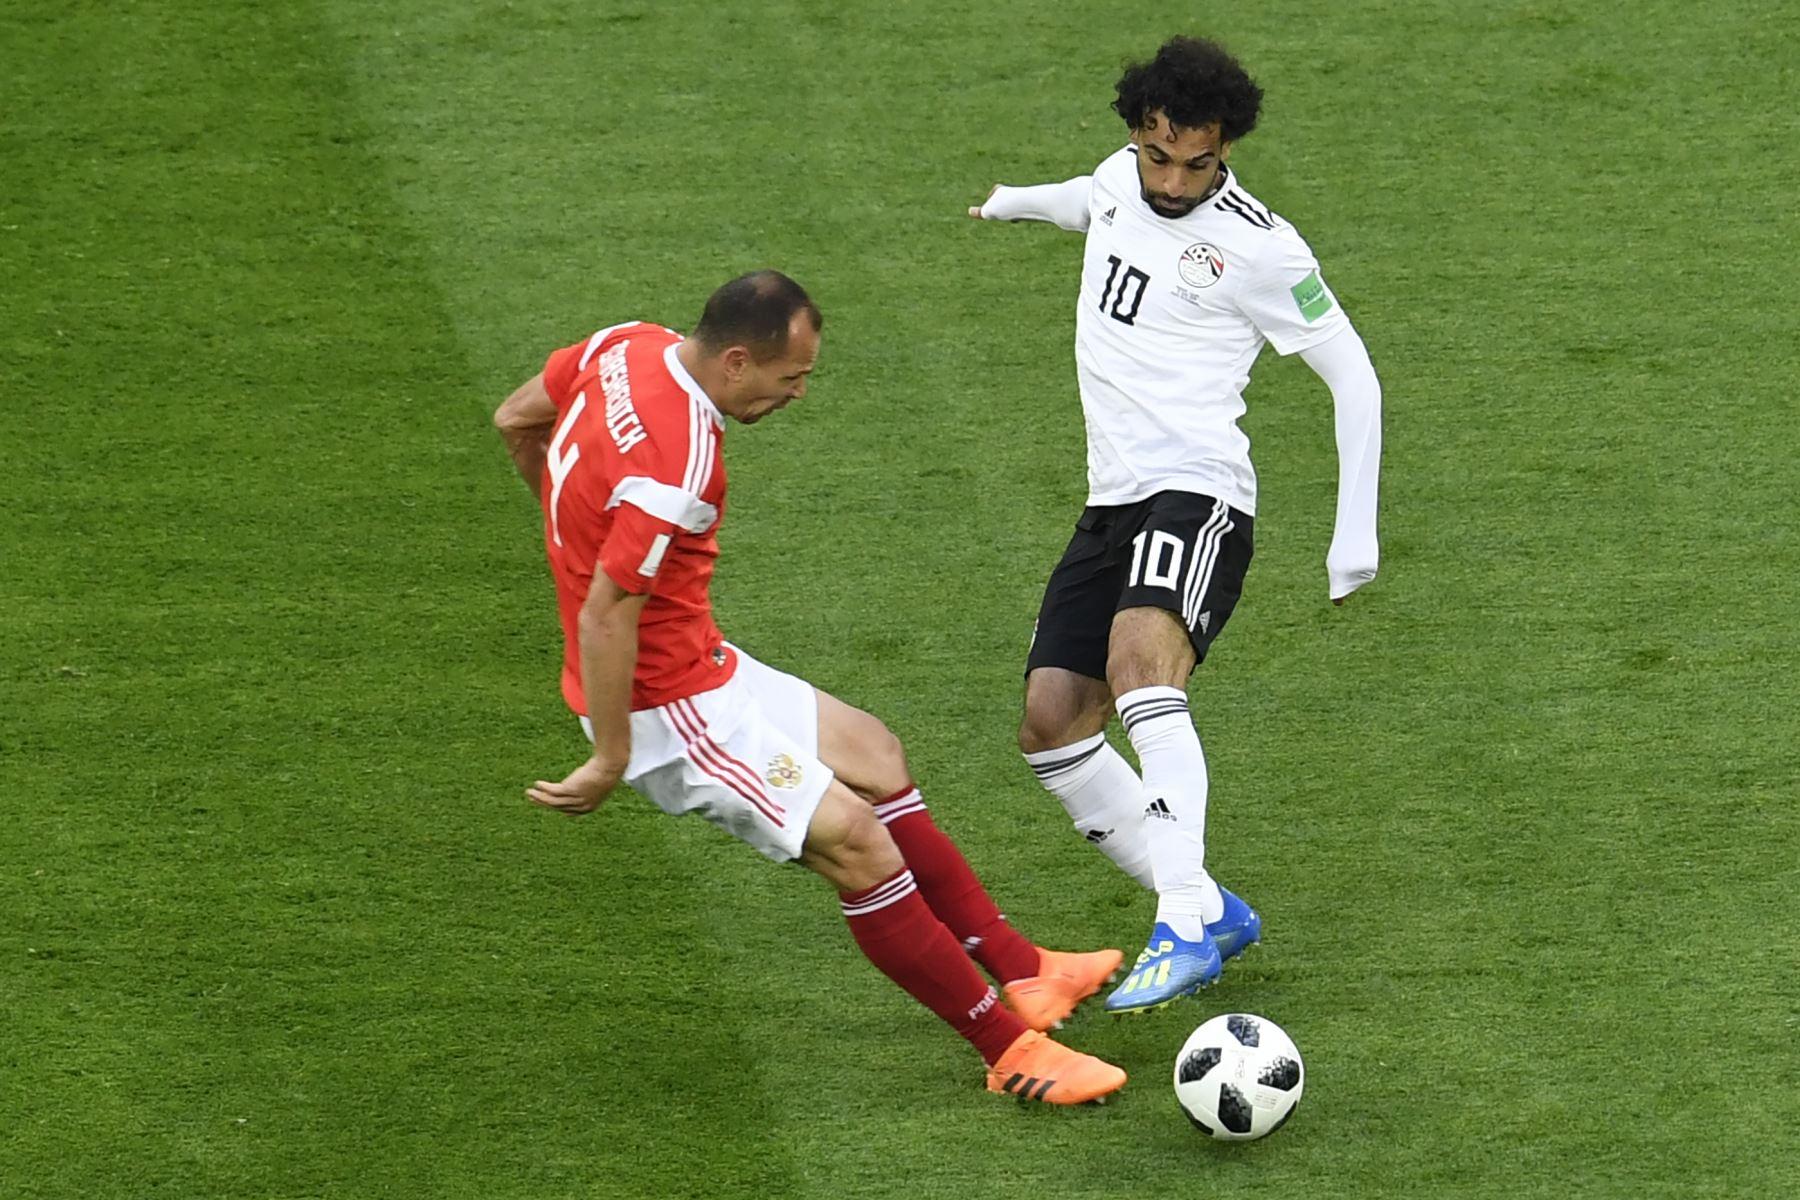 El delantero egipcio Mohamed Salah (R) regatea al defensor ruso Sergey Ignashevich durante el partido de fútbol del Grupo A de la Copa Mundial Rusia 2018 entre Rusia y Egipto en el estadio San Petersburgo de San Petersburgo el 19 de junio de 2018. / AFP